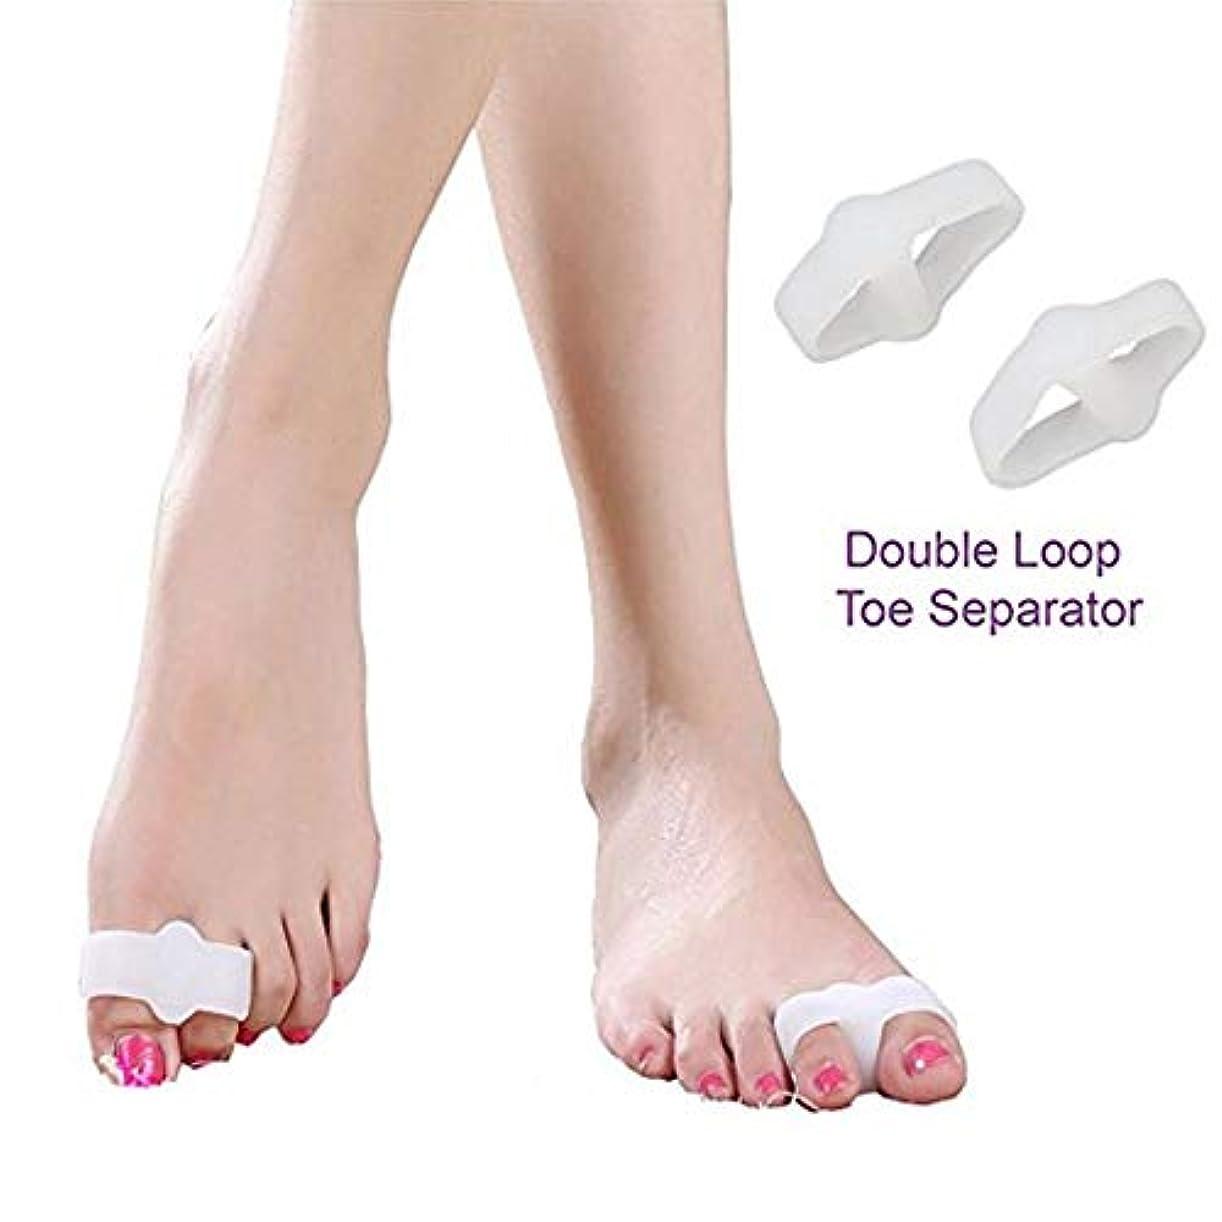 代表する表向き国家外反母趾サポーター 親指矯正グッズ 厚型ジェルパッド 足指を広げる 痛み改善 快適歩行 靴下履ける 高品質シリコン制 伸縮性 通気性 男女兼用 [5組] おしゃれ 人気